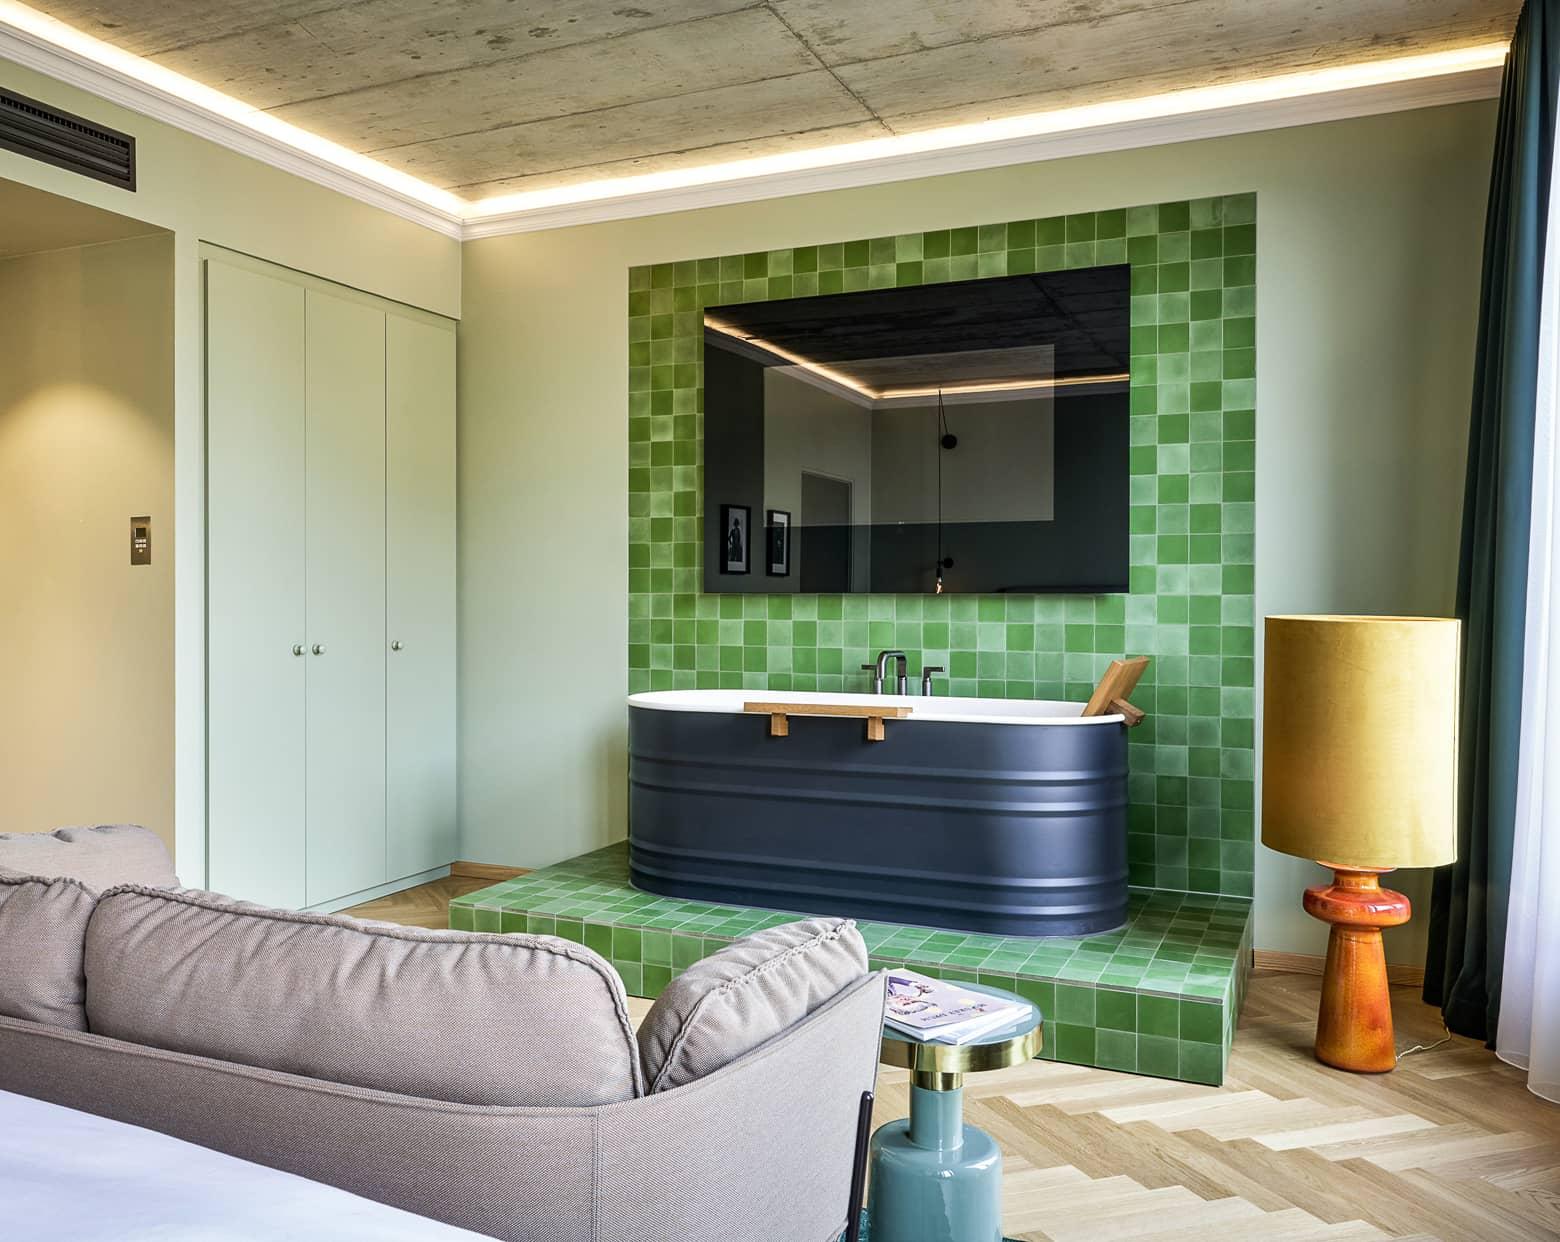 zementfliesen-terrazzofliesen-kreidefarbe-terrazzo-fugenlos-viaplatten-022-gekkohouse   N° 022